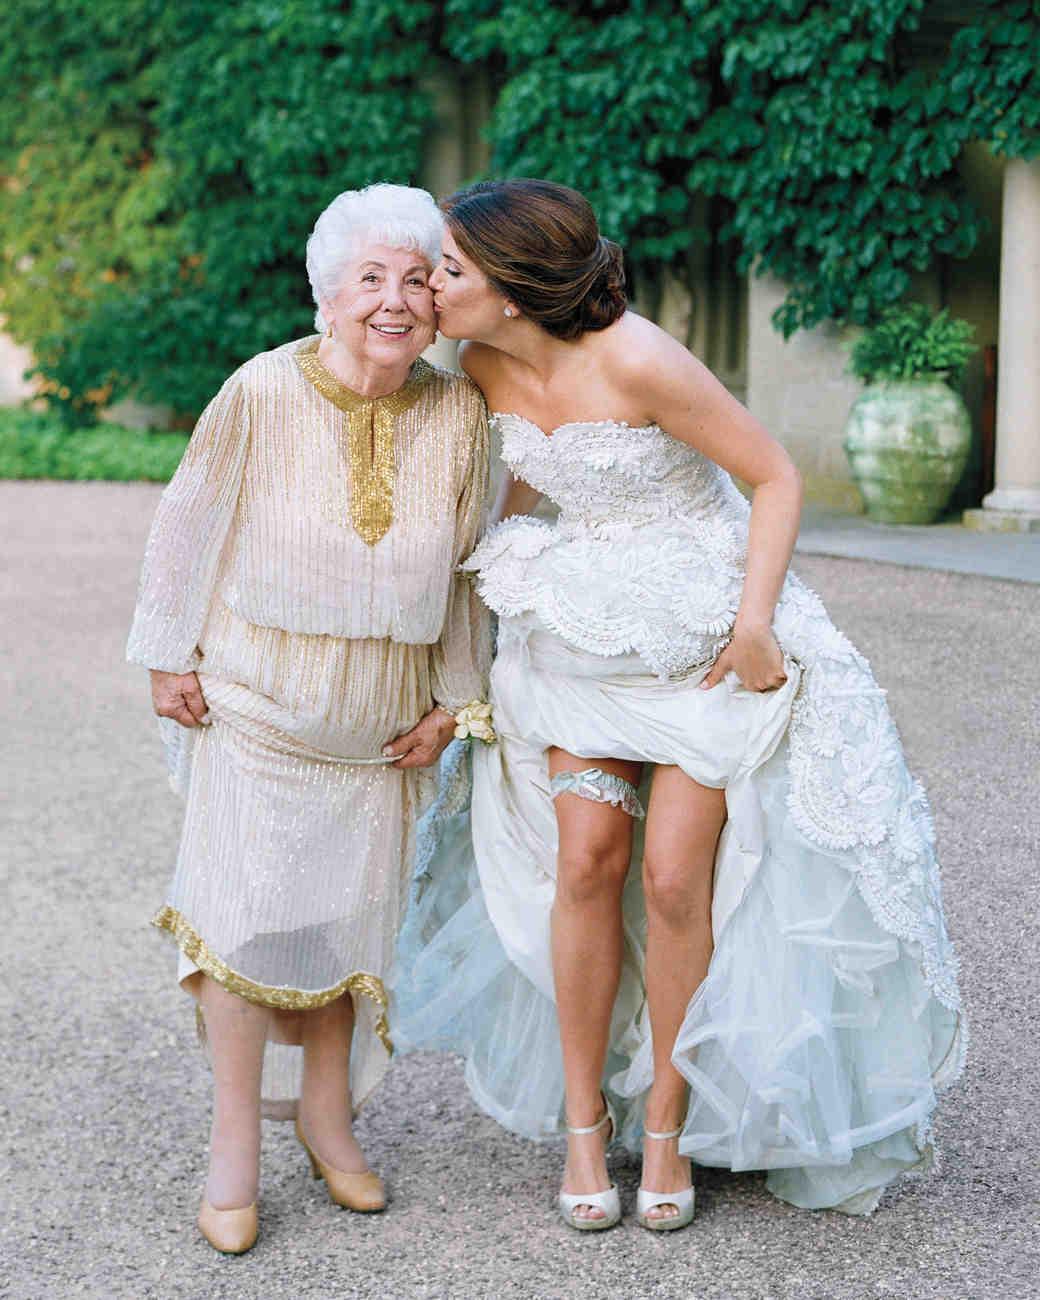 Wedding dresses ct simple used wedding dresses ct with for Free used wedding dress